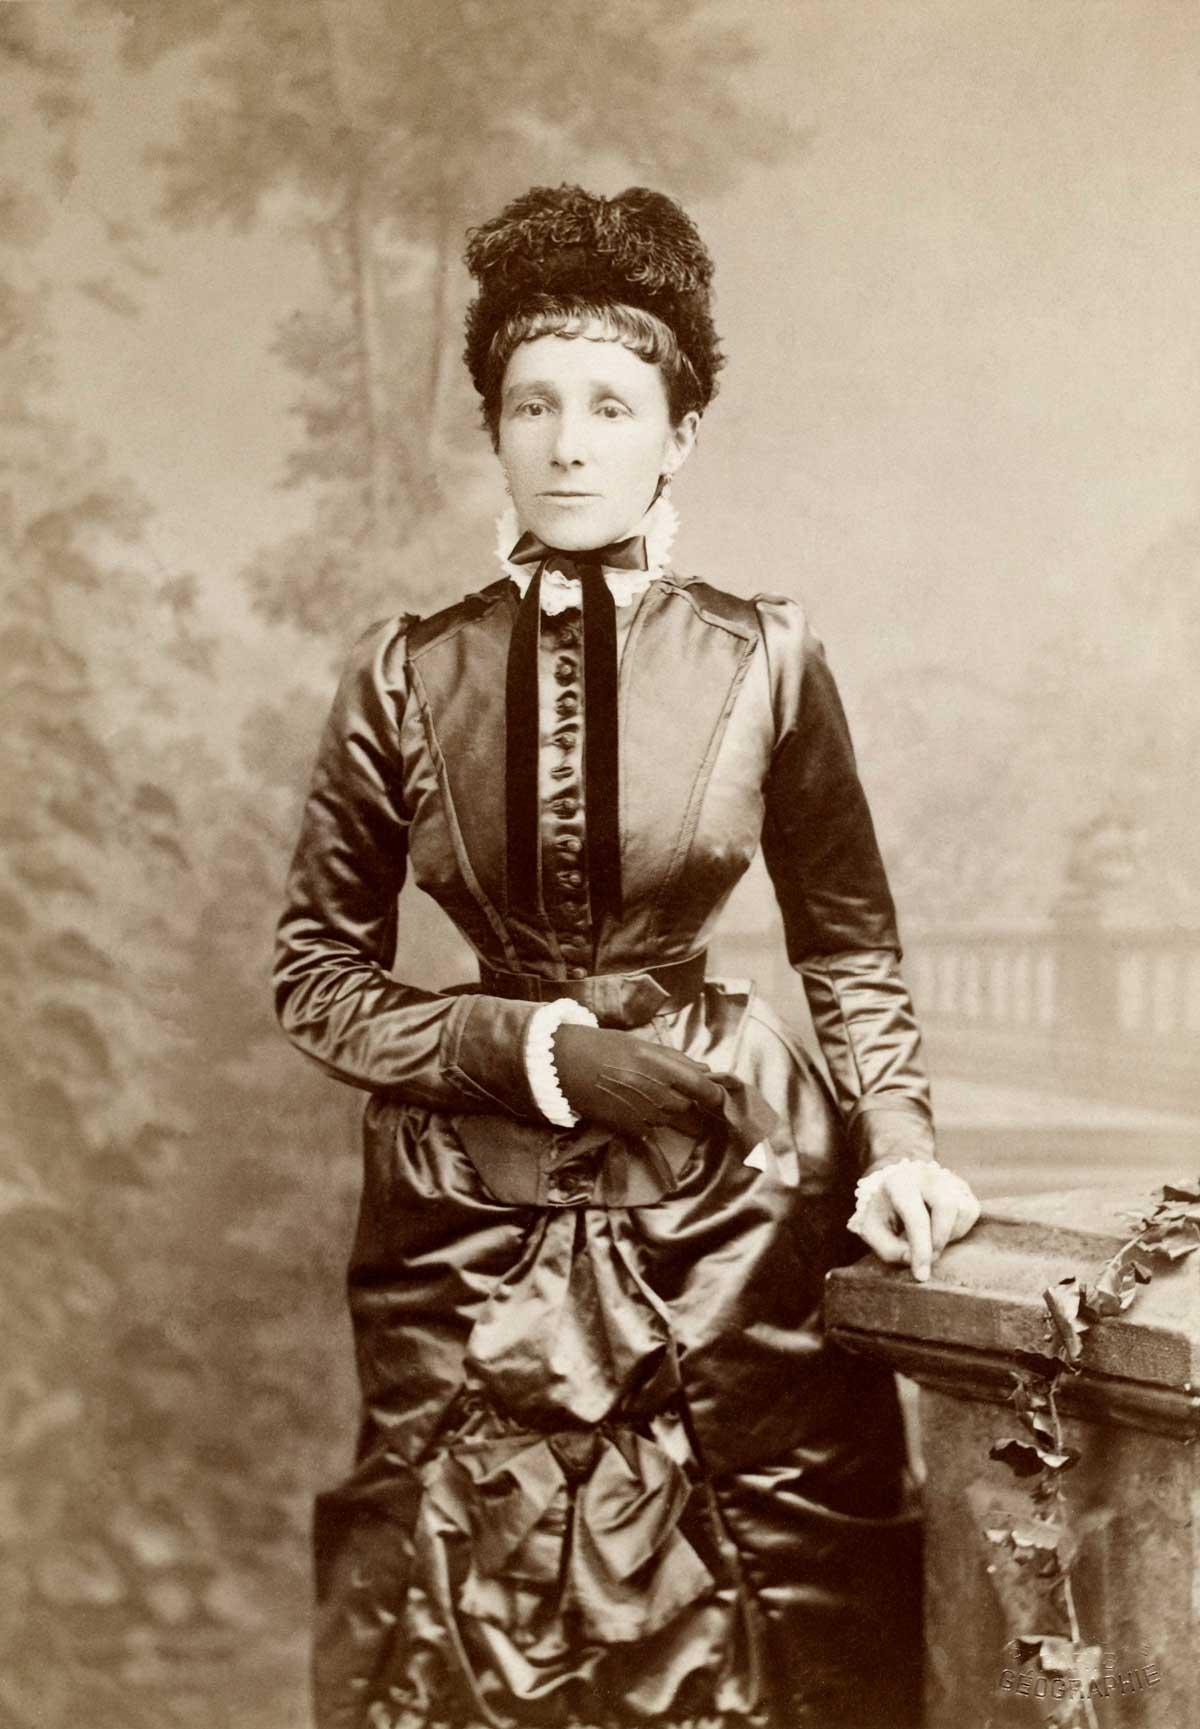 Энн Блант - внучка поэта Байрона и первая европейка. путешествующая по Арабской пустыне